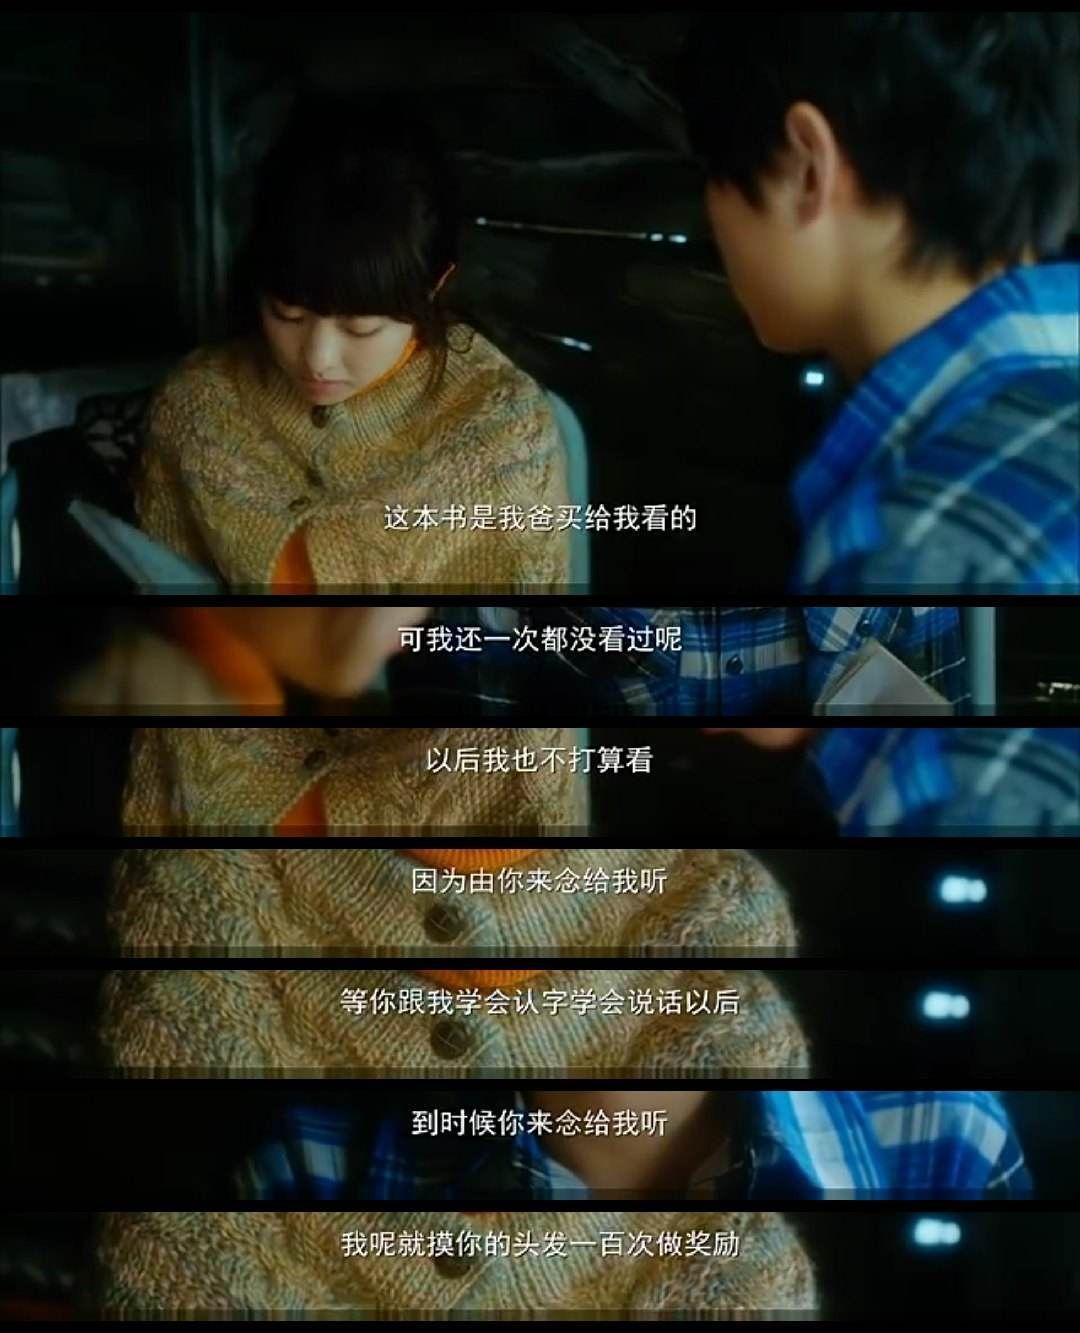 电影《狼少年》一部纯纯的等待跨越半个世界的爱情故事 (9)